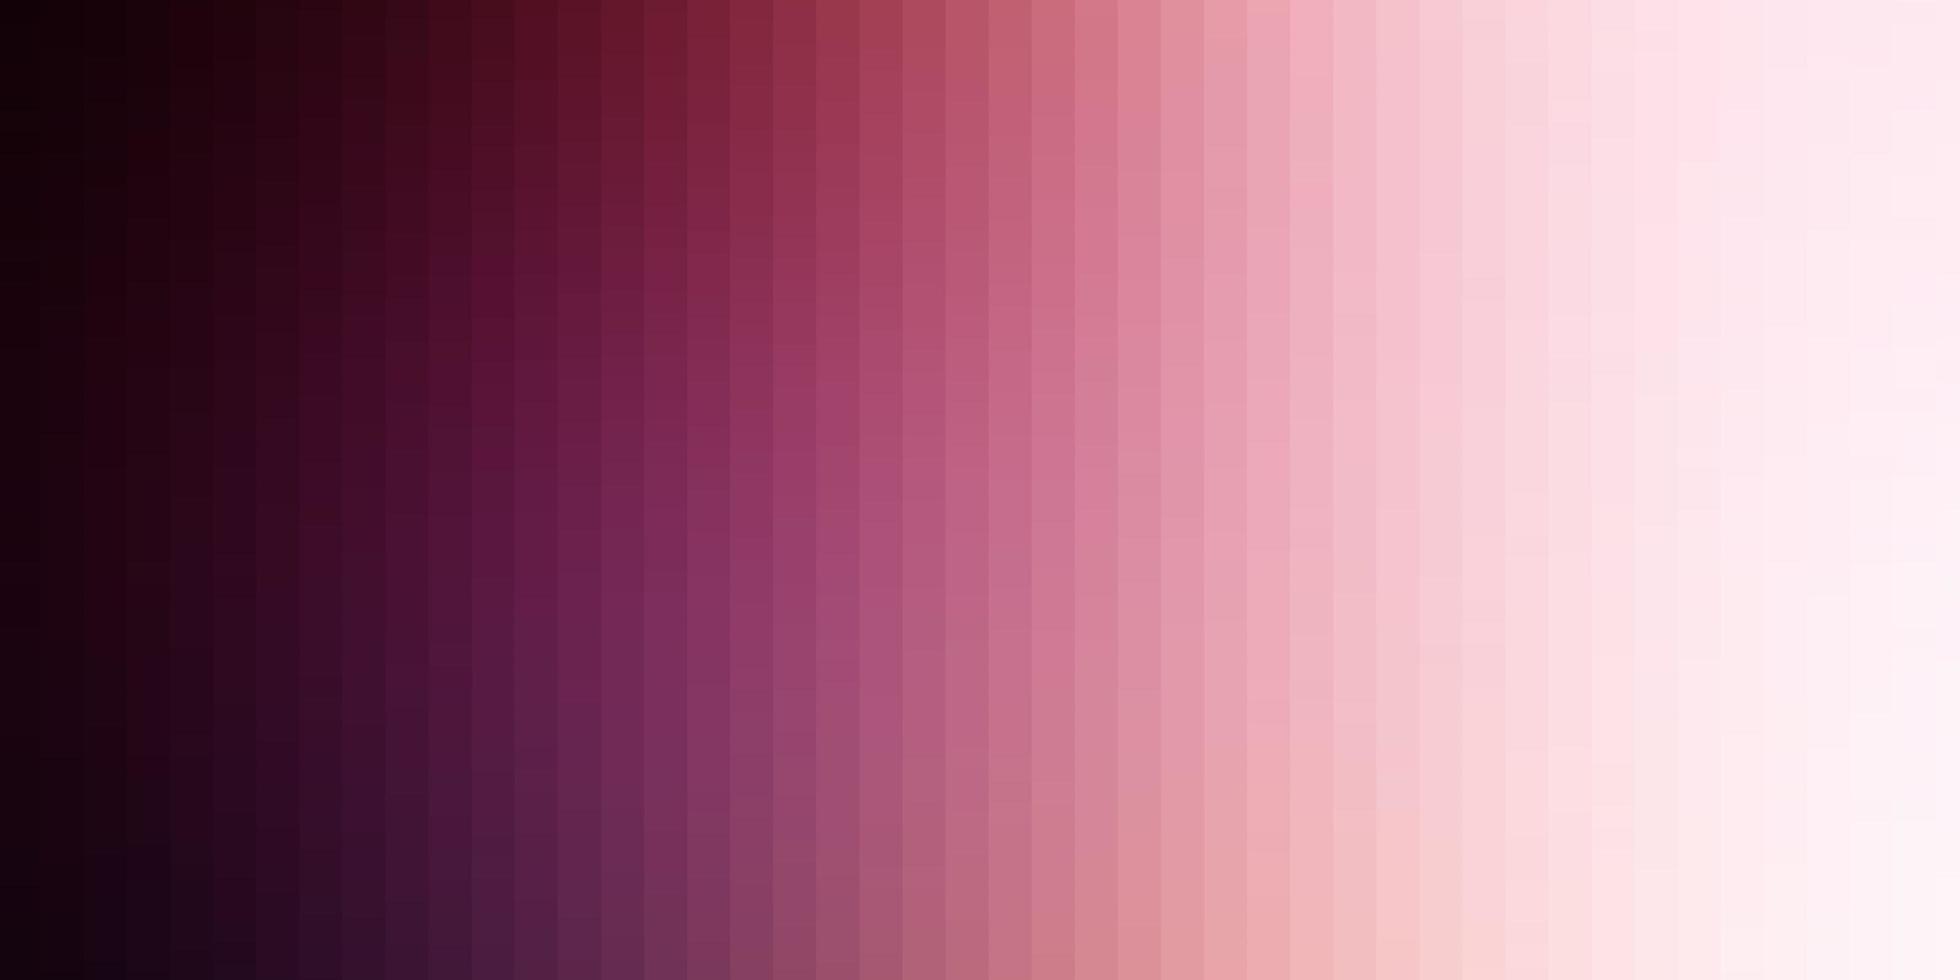 modèle vectoriel rose clair dans un style carré.